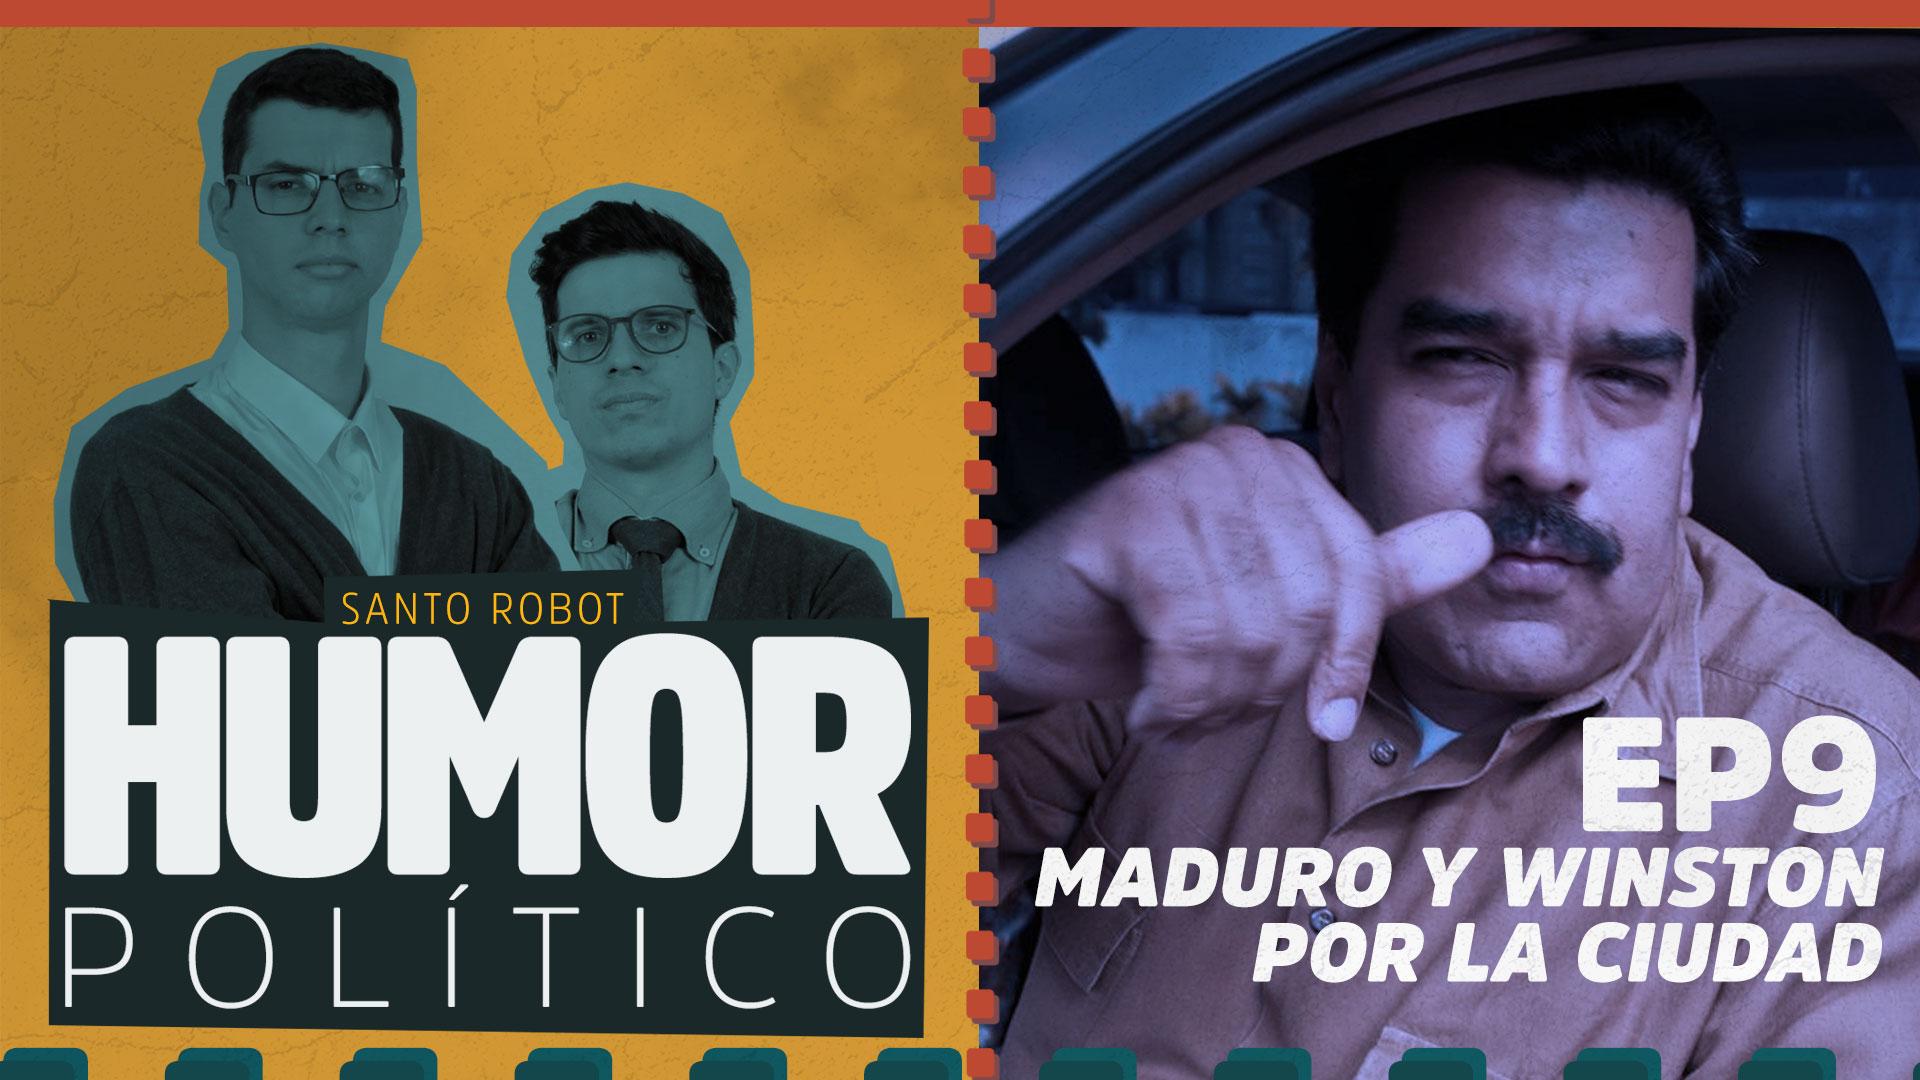 Maduro y Winston por la Ciudad - Humor Político